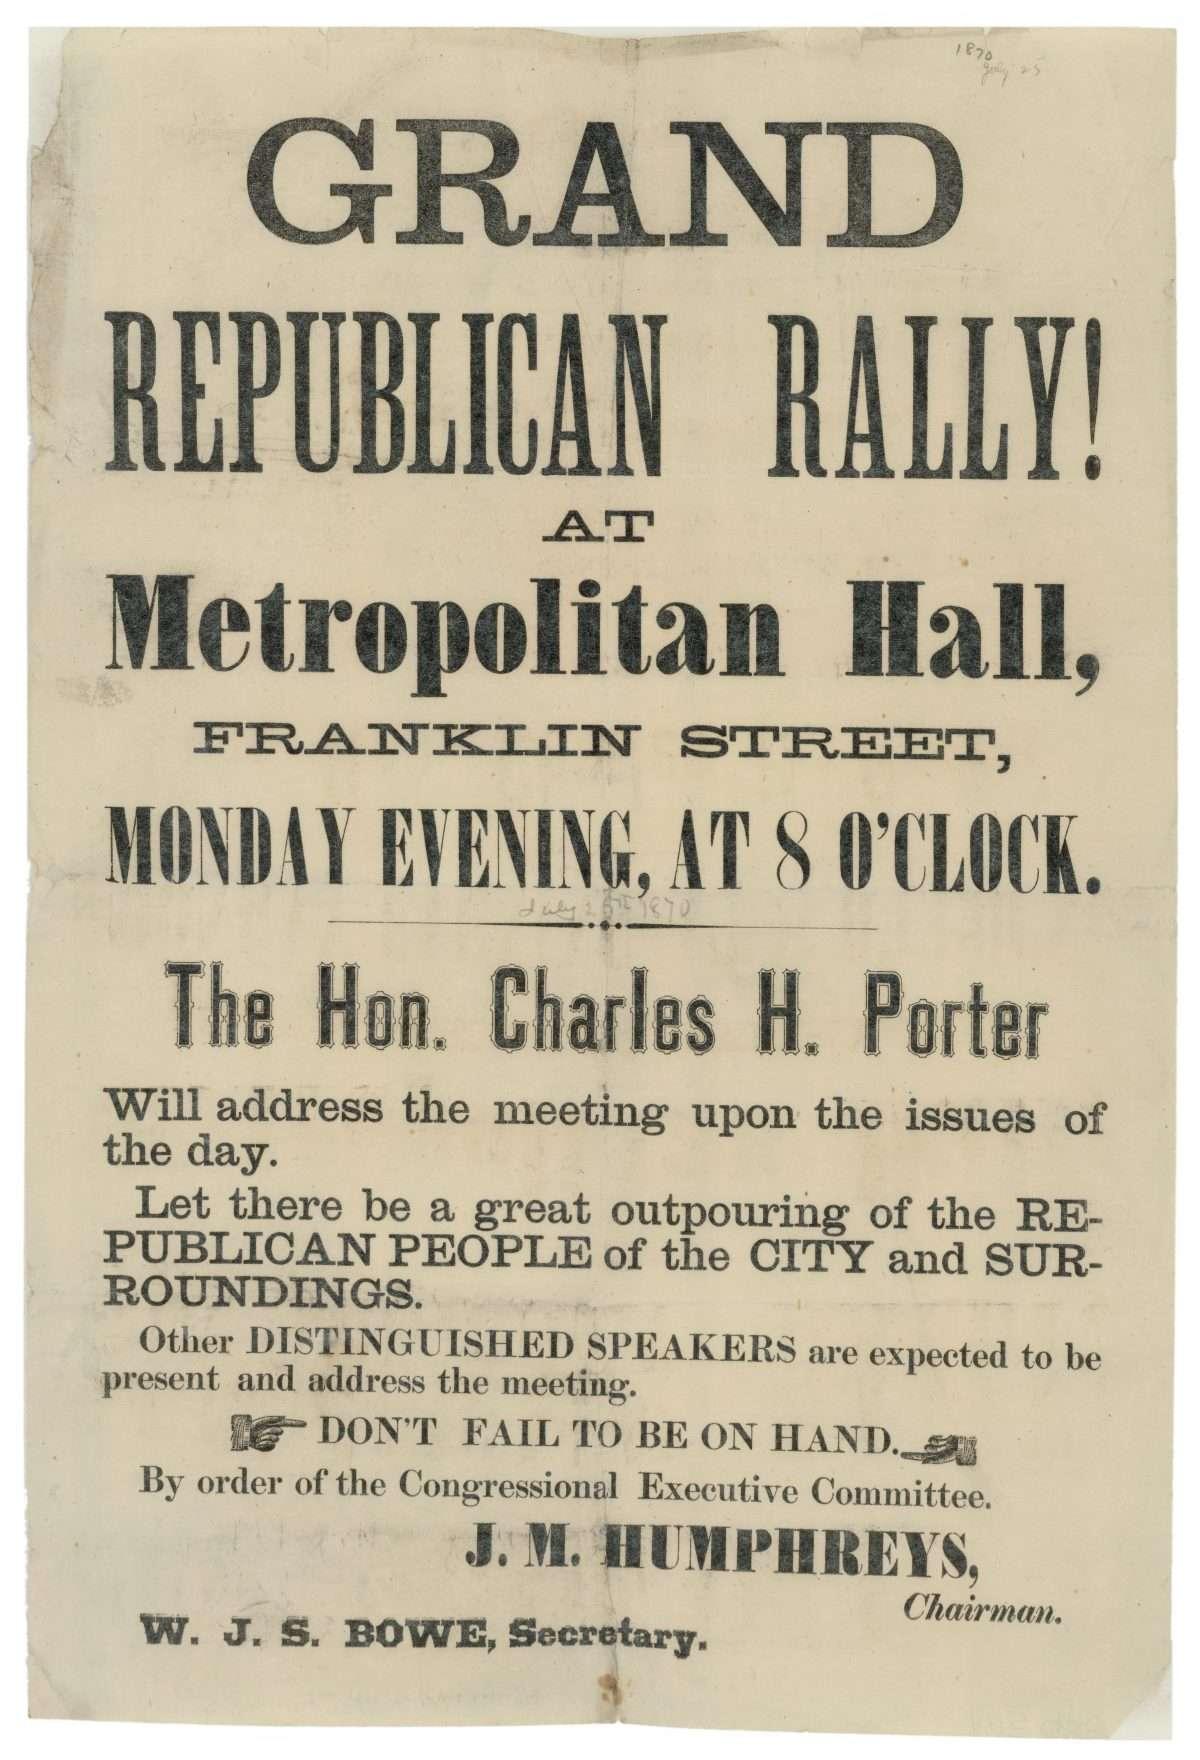 Grand Republican Rally!